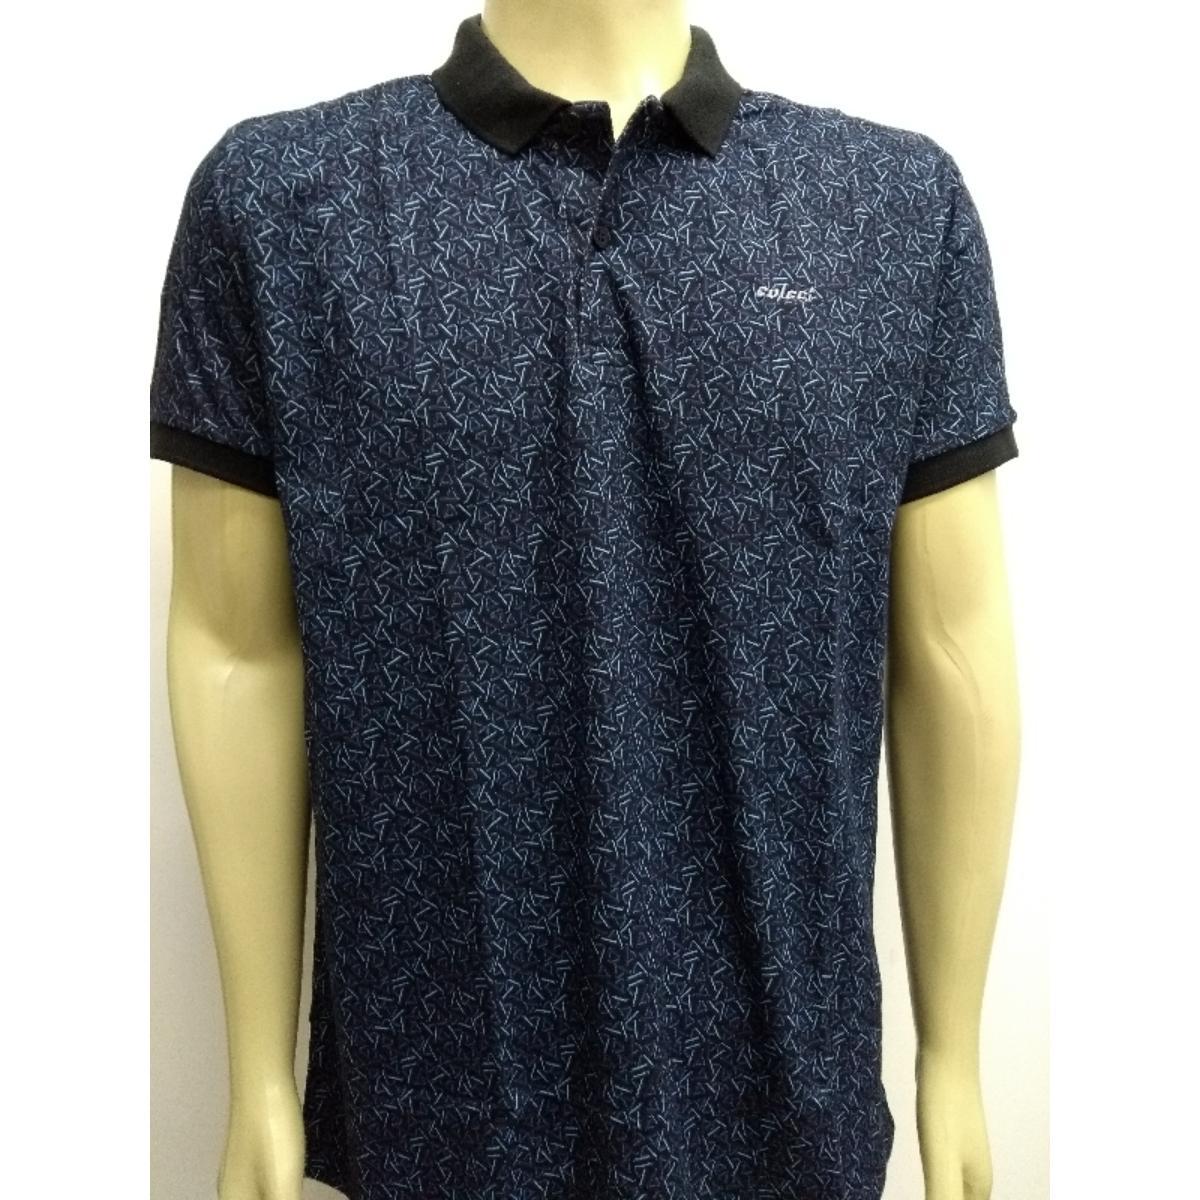 Camisa Masculina Colcci 250102340 Vc38 Preto/azul